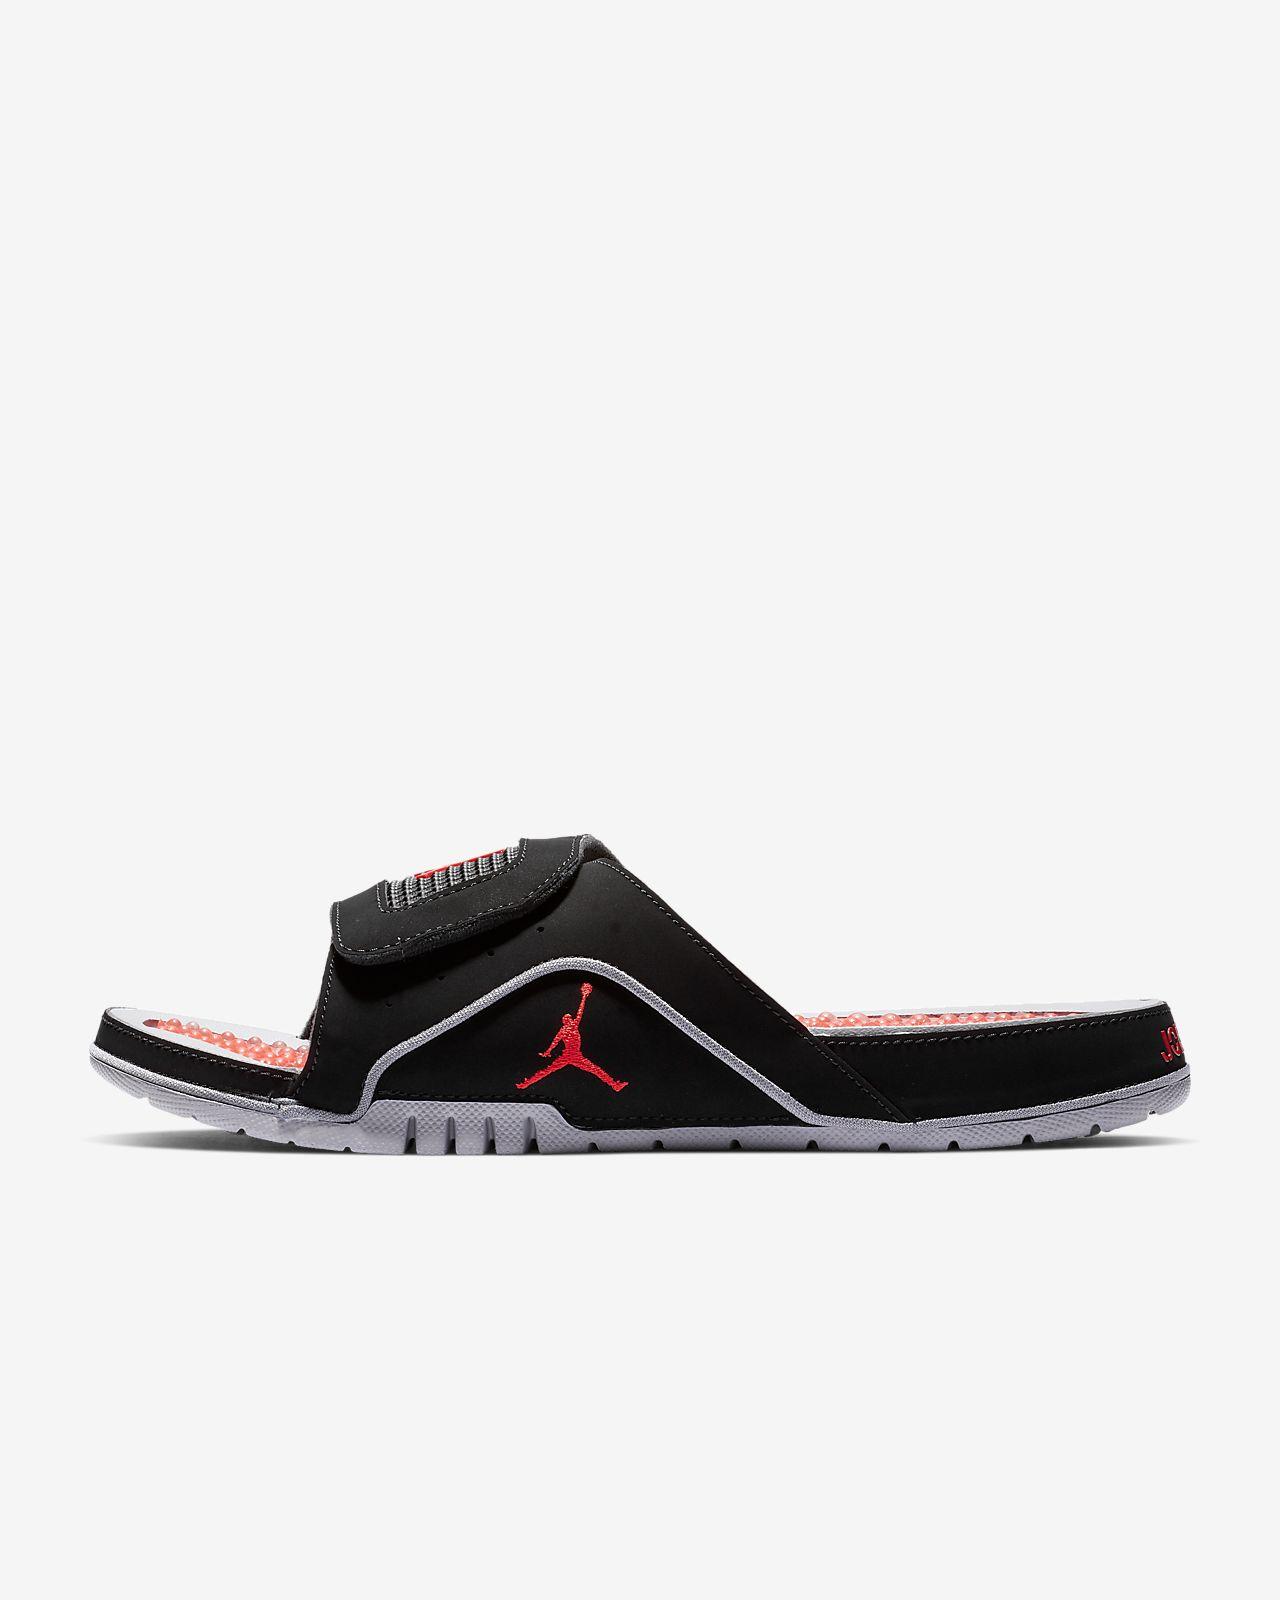 0e8c3babfbc983 Jordan Hydro 4 Retro Men s Slide. Nike.com